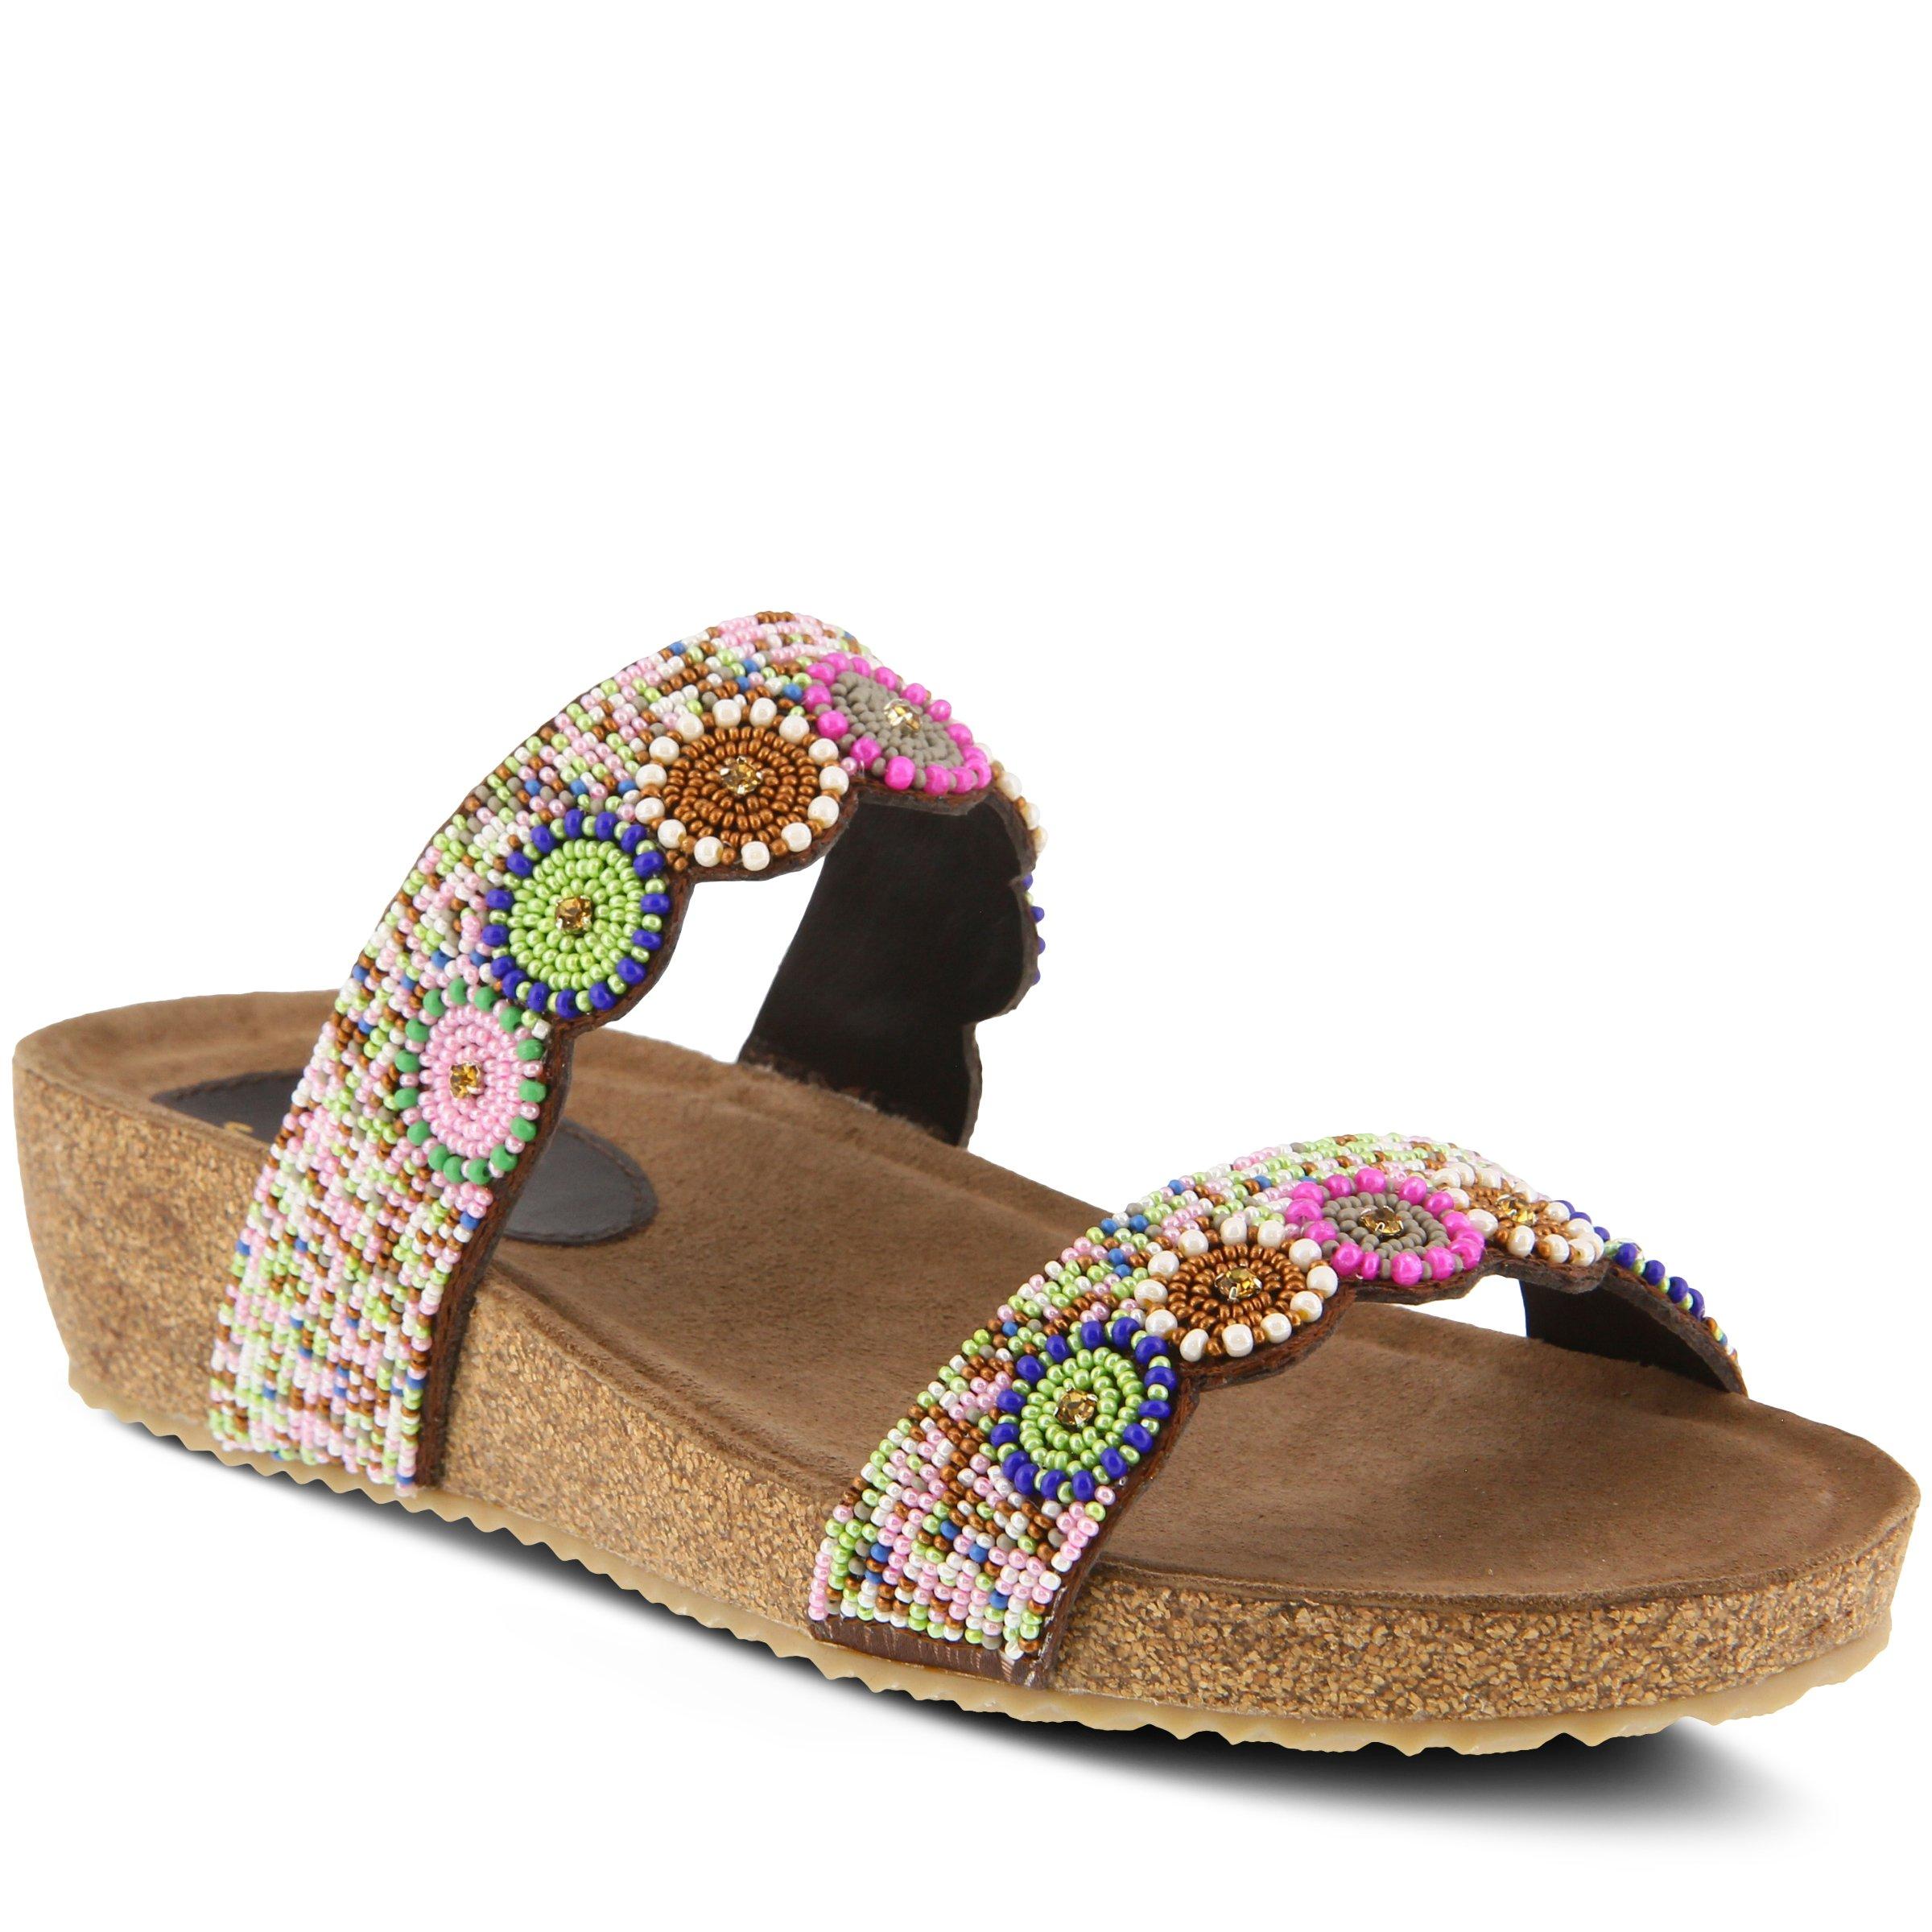 Azura Women's Style Bahama White Mutli EURO Size 36 Leather Slide Sandal by Azura (Image #1)